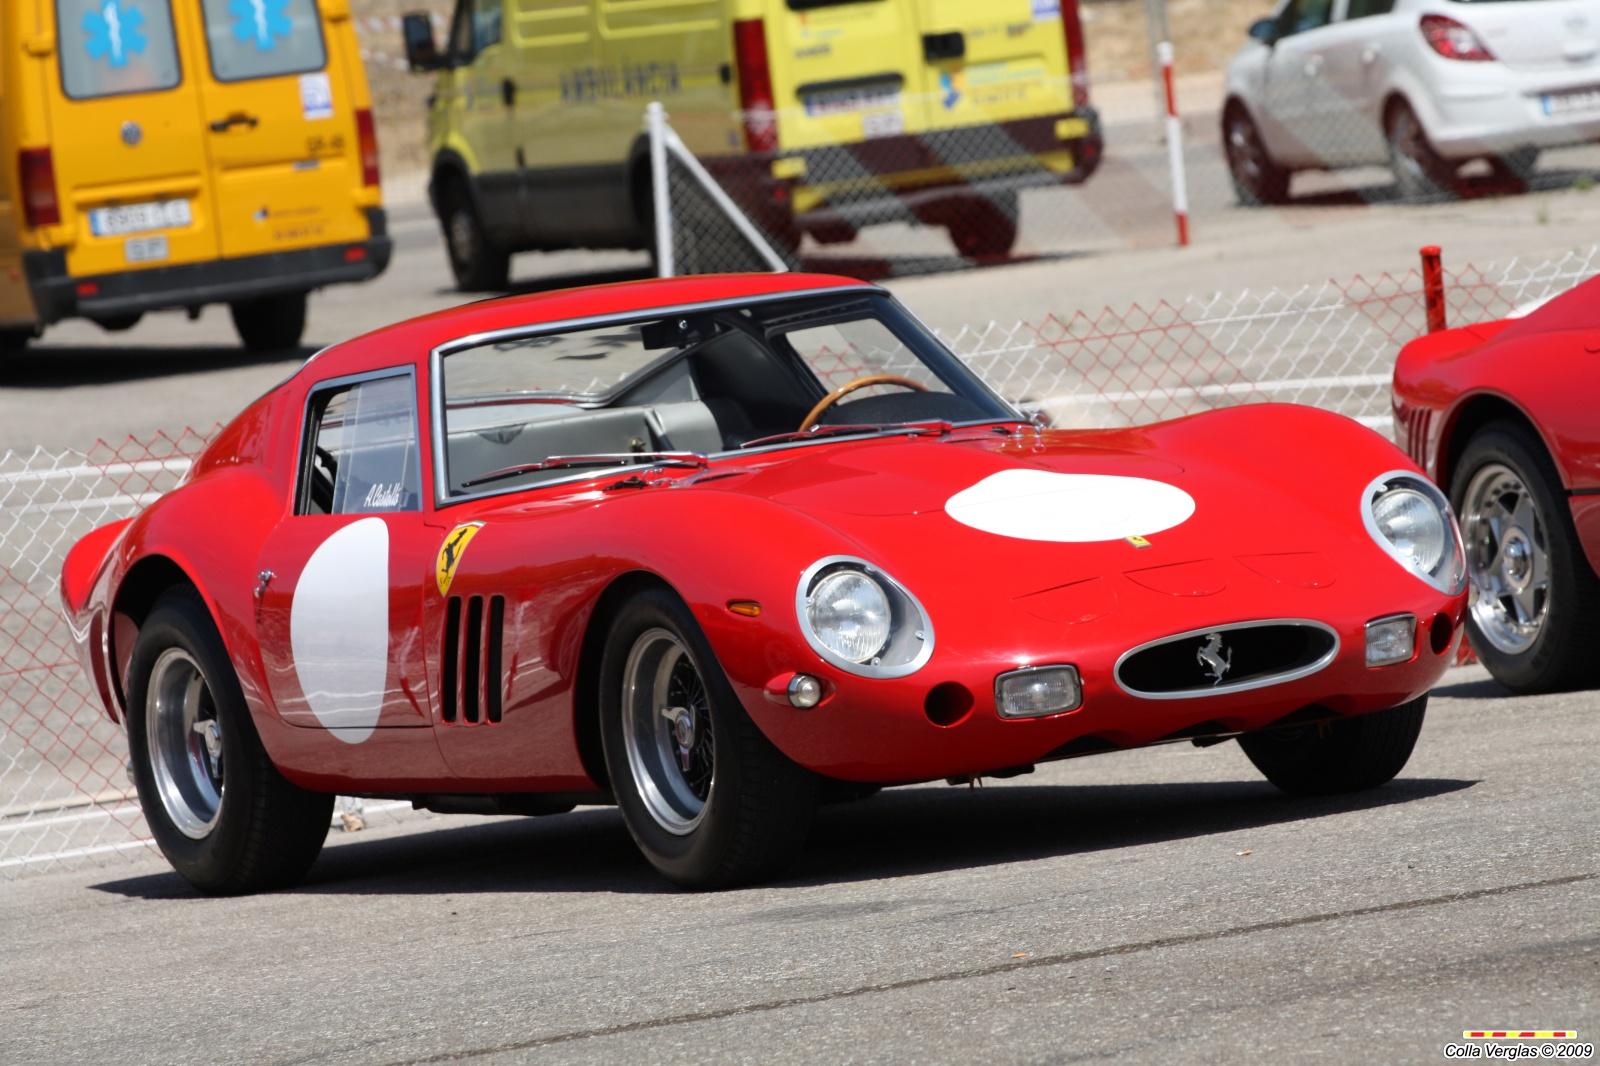 25é Aniversari del Ferrari 288